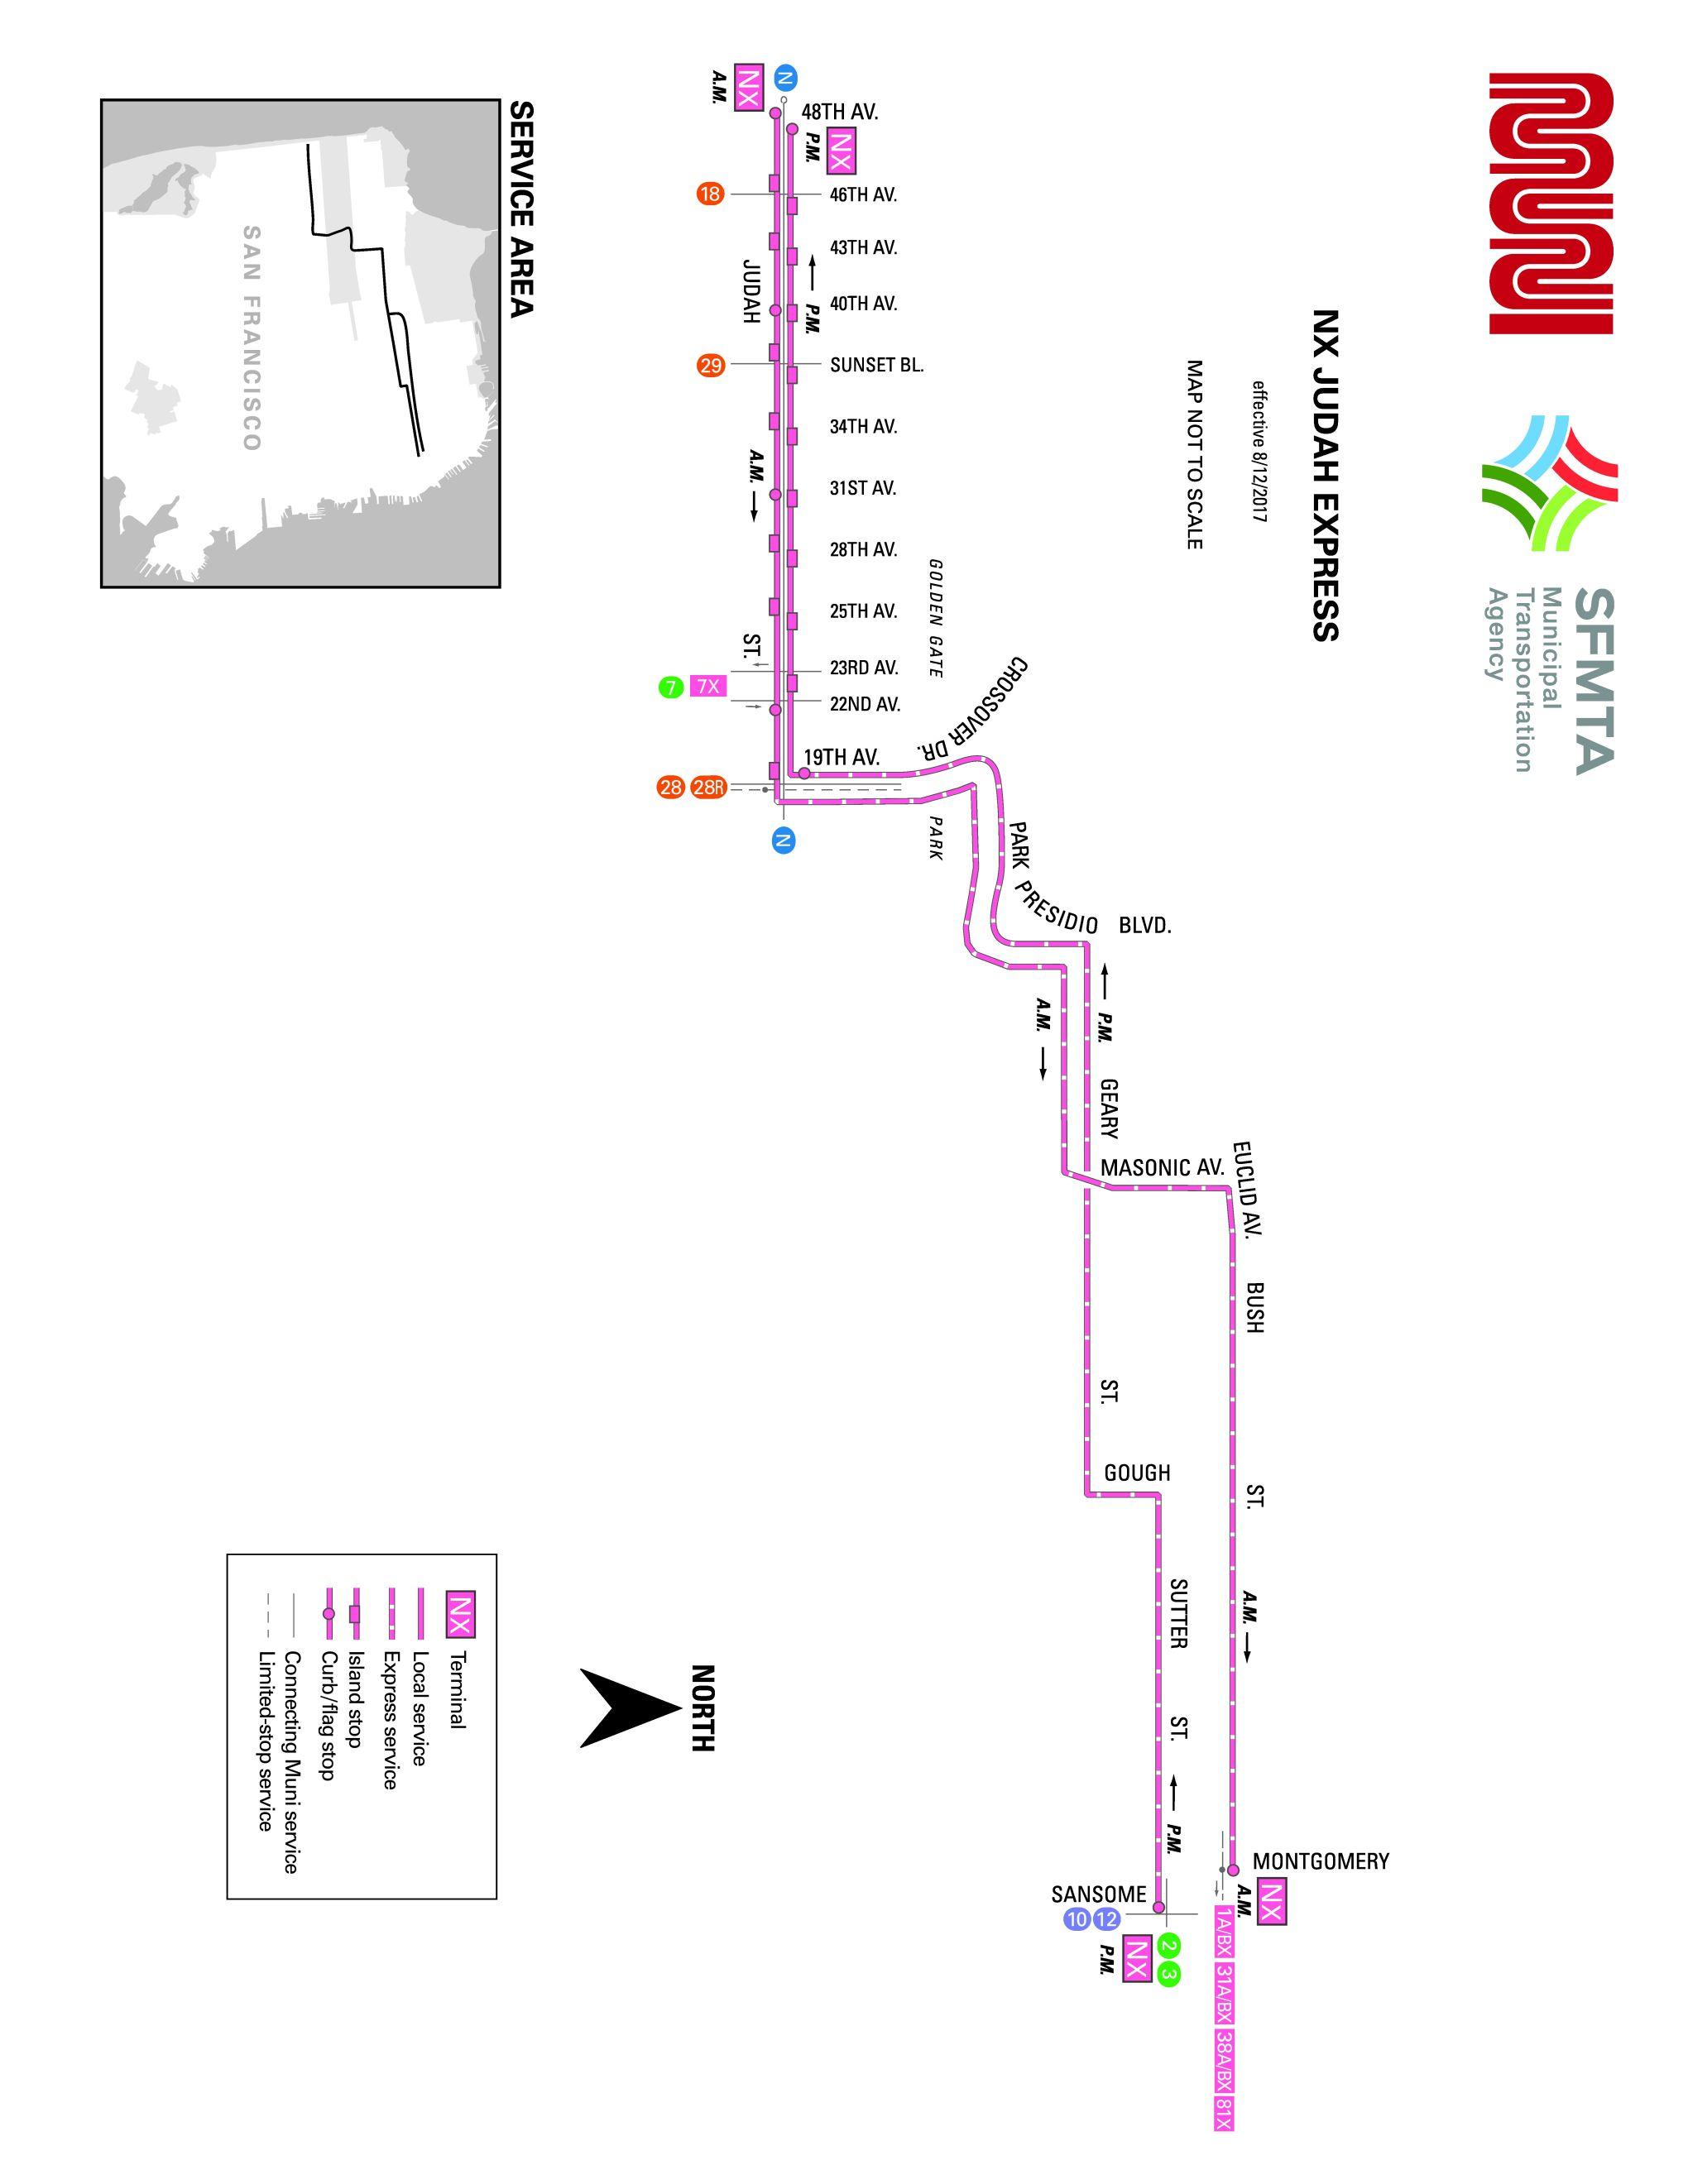 NXN Express Bus Route SF MUNI SF Bay Transit